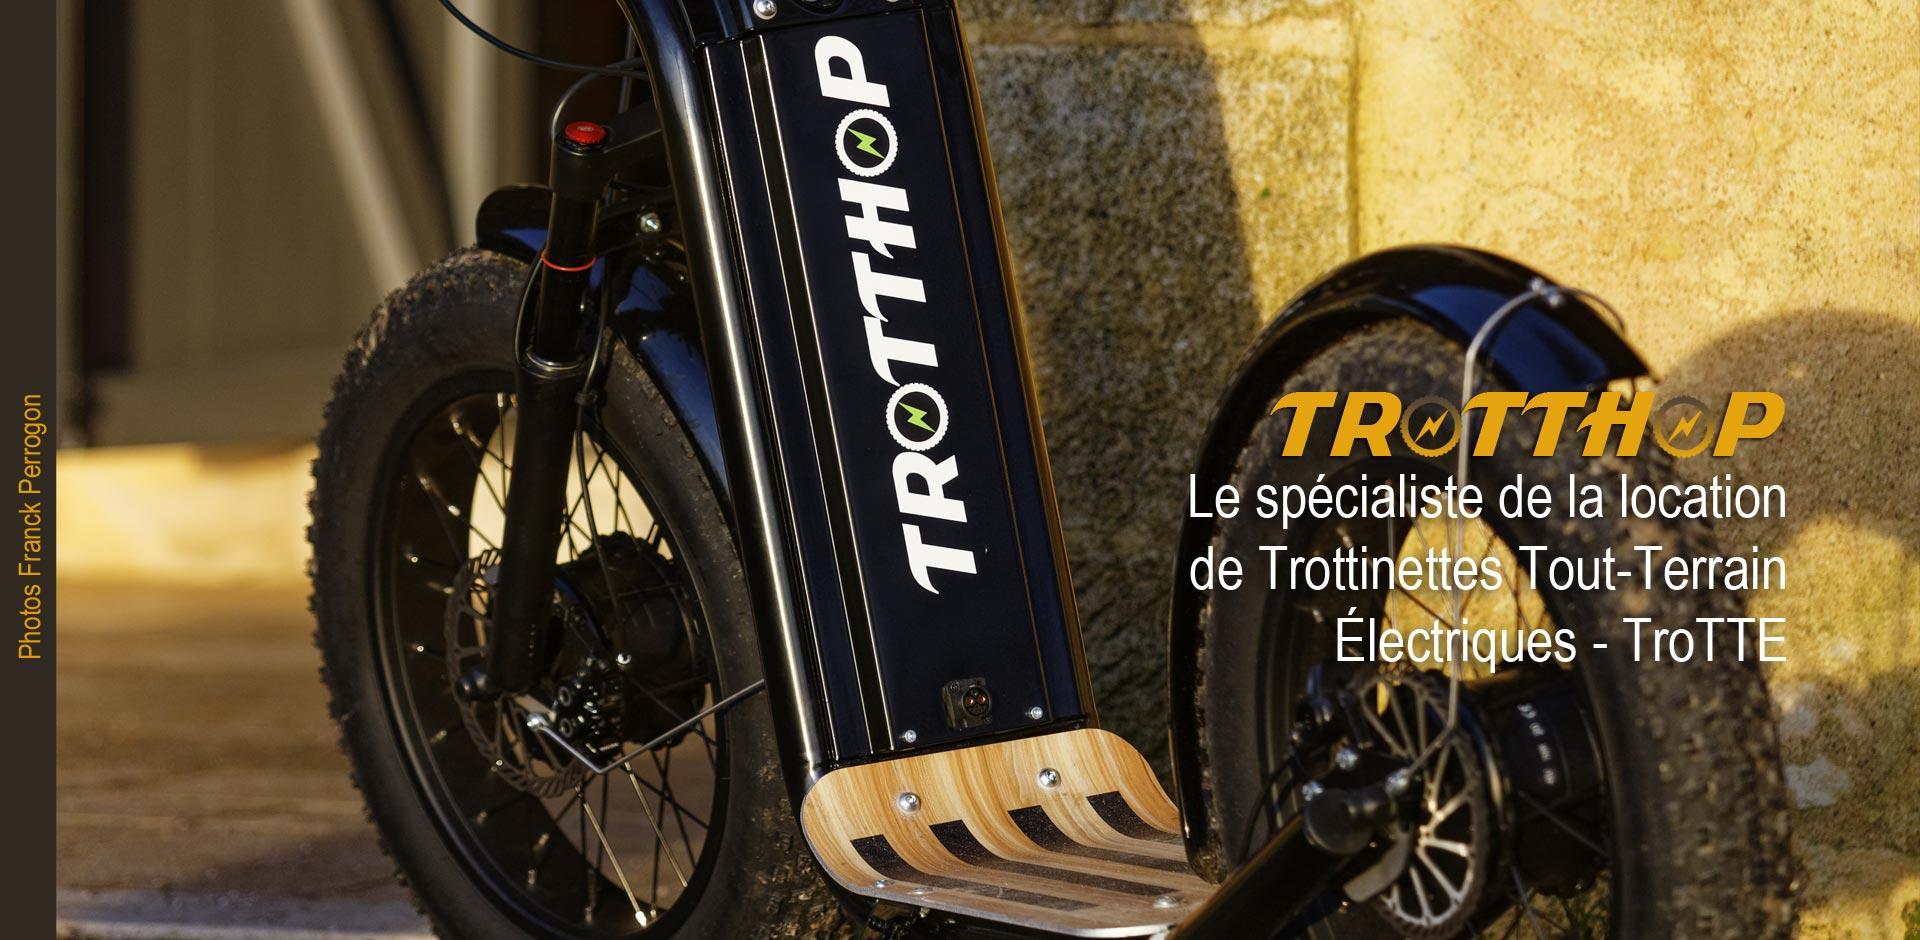 Trotthop, location de trottinettes tout-terrain électriques